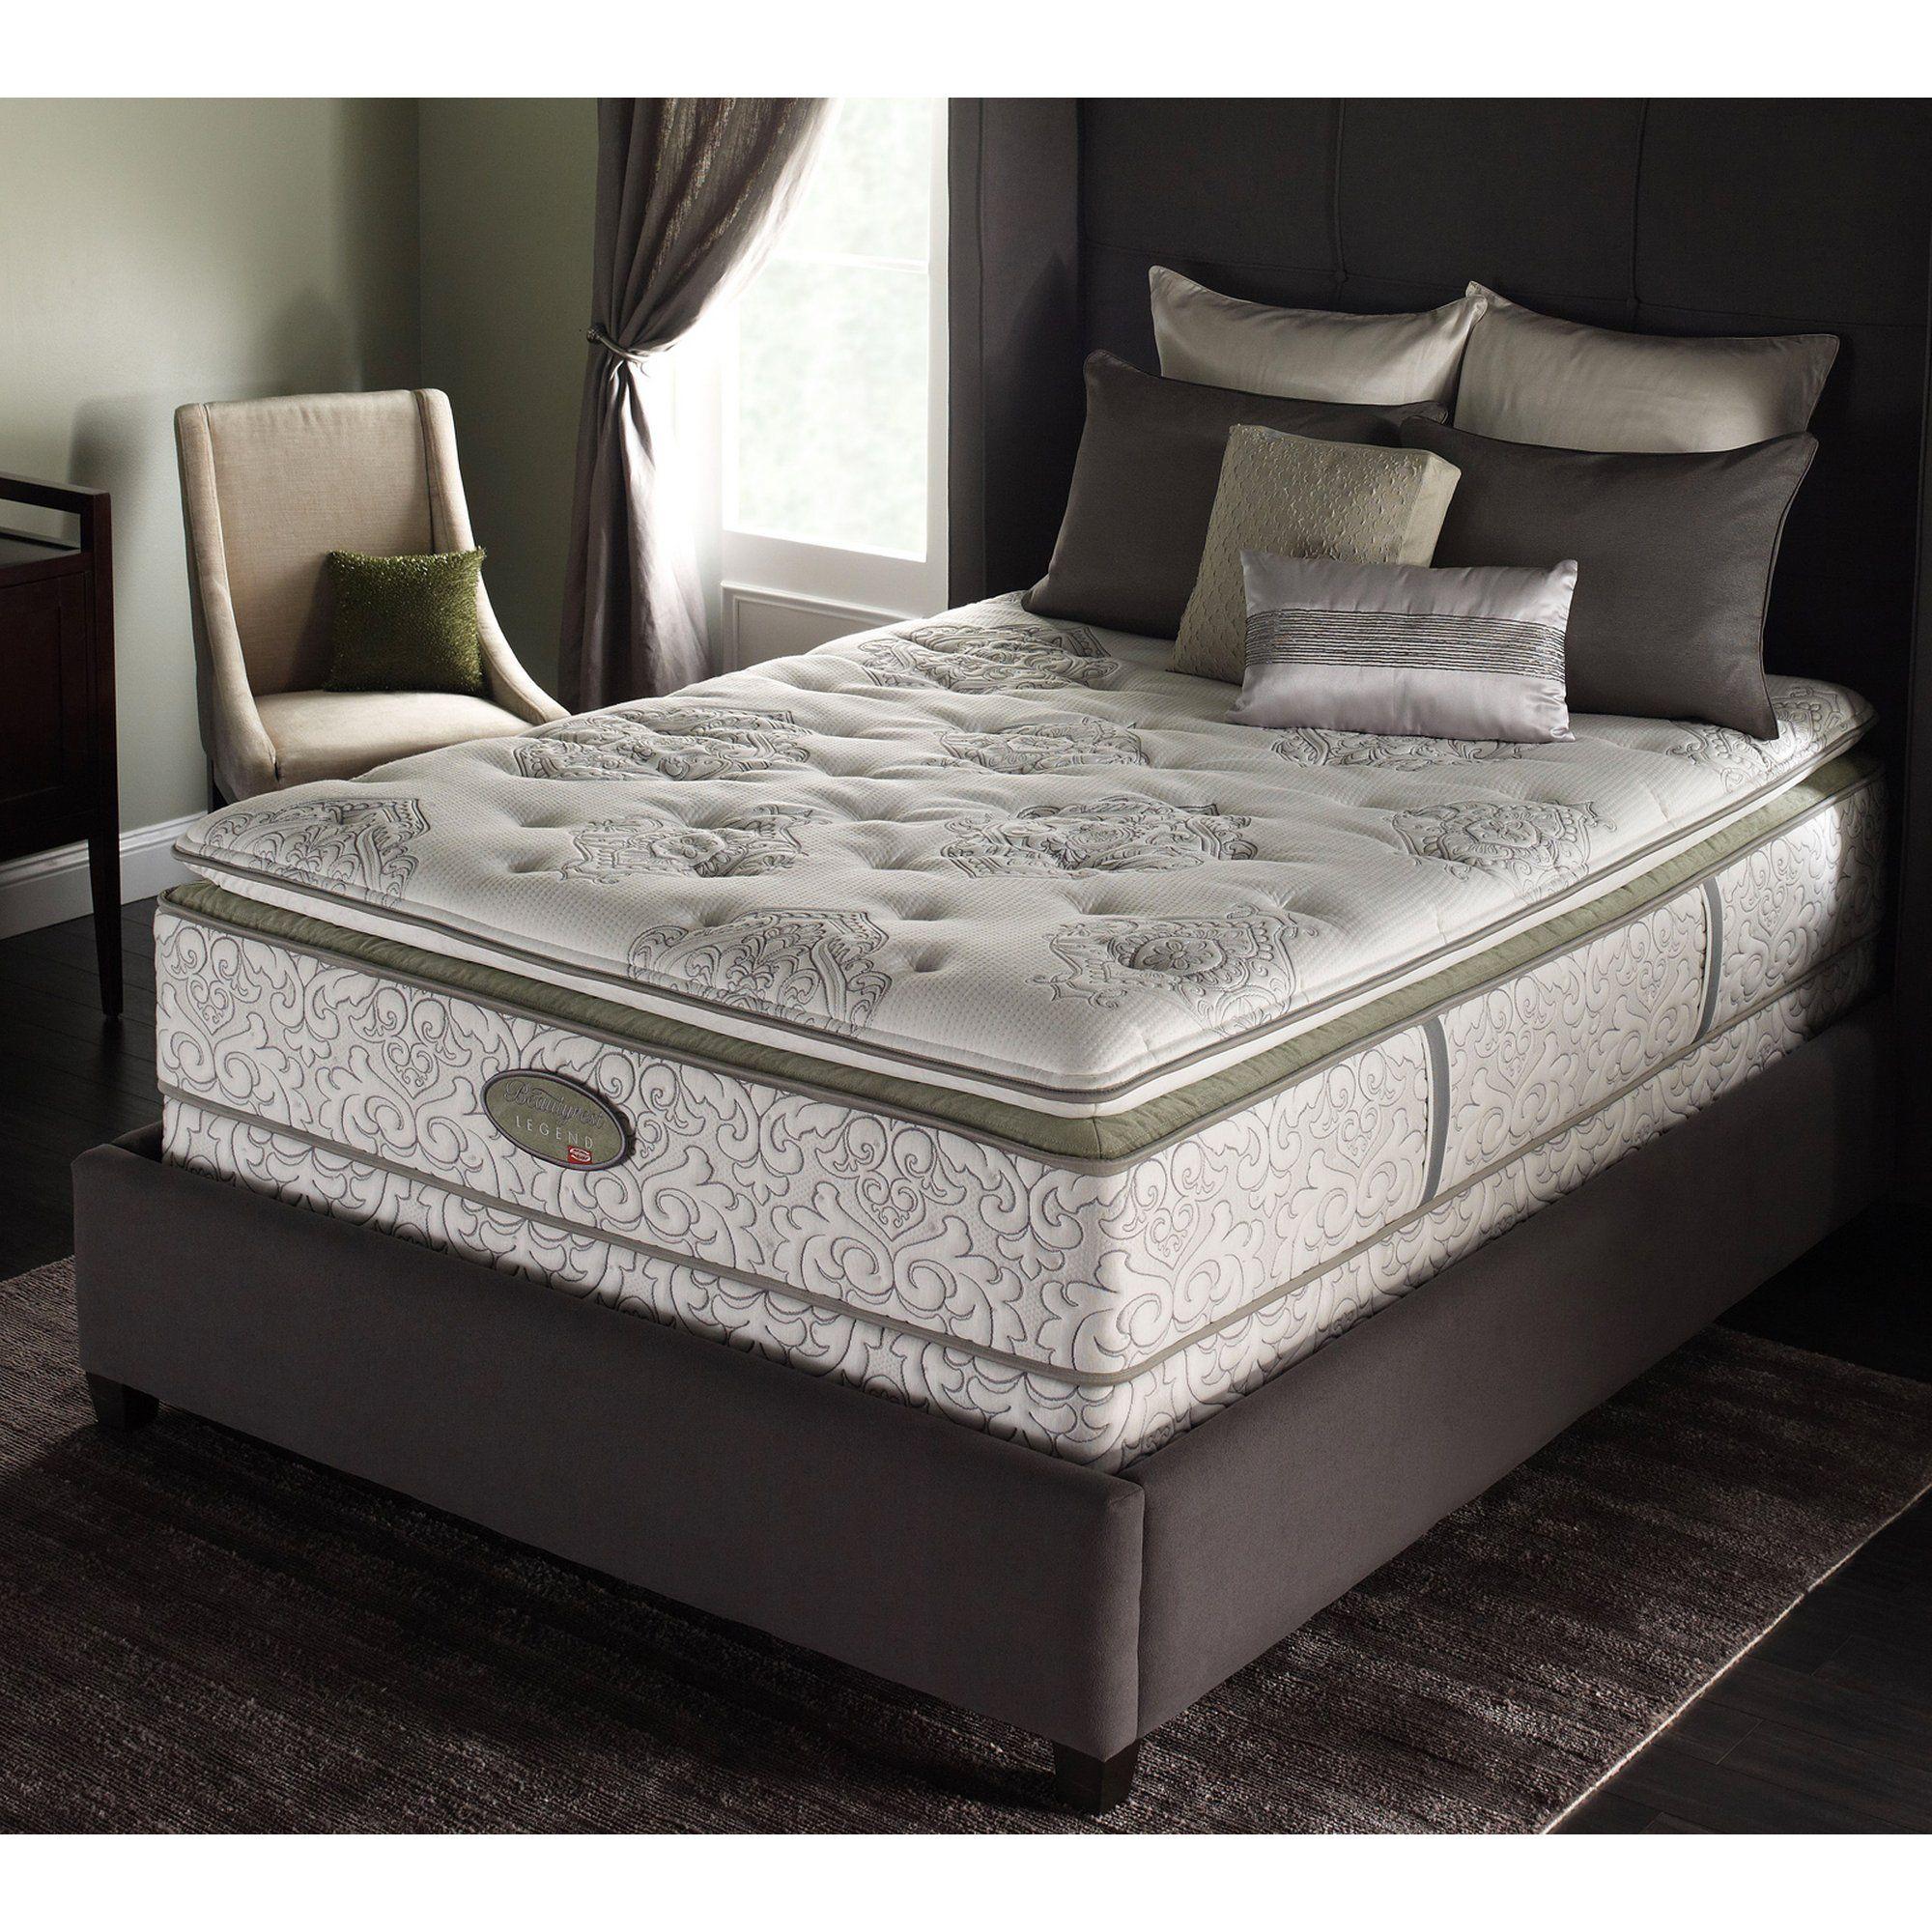 Simmons Beautyrest Legend Luxury Plush Super Pillow Top Mattress - Si3198 Sleepy'